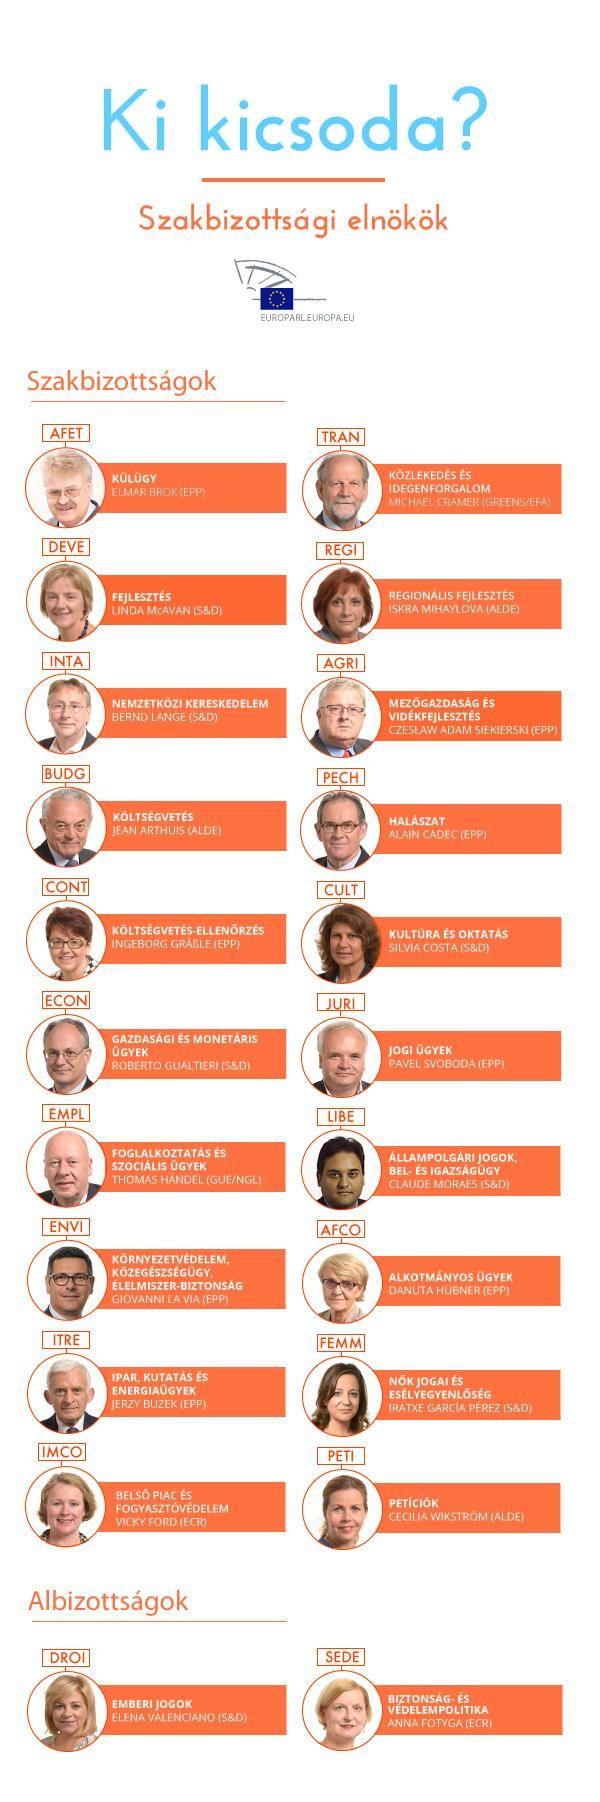 Szakbizottsági elnökök – ki kicsoda?